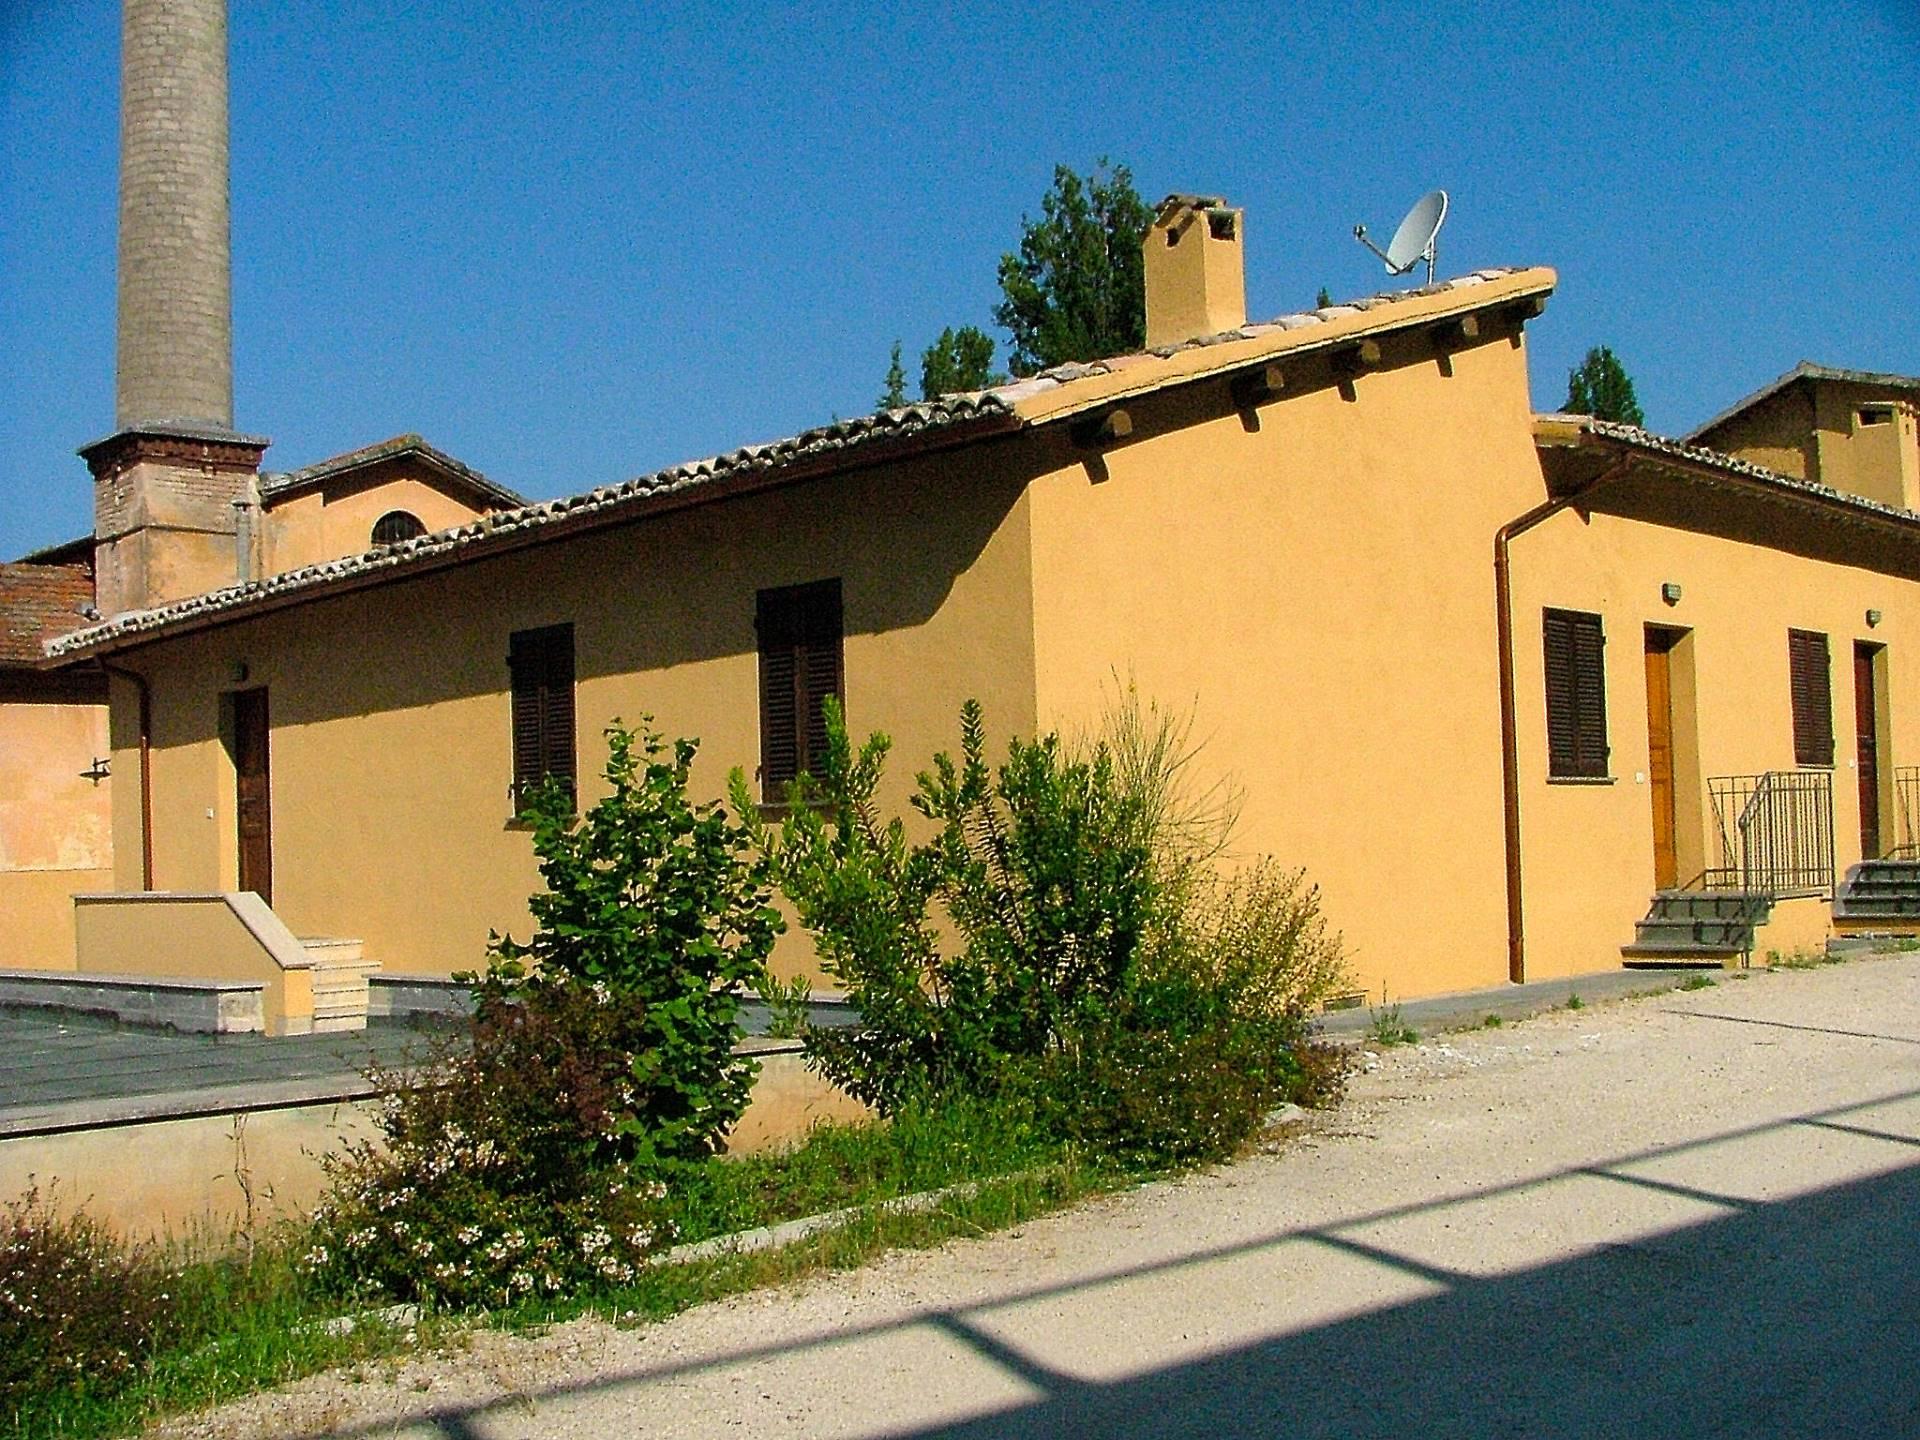 Appartamento in vendita a Campello sul Clitunno, 2 locali, zona Zona: Pissignano, prezzo € 50.000 | Cambio Casa.it